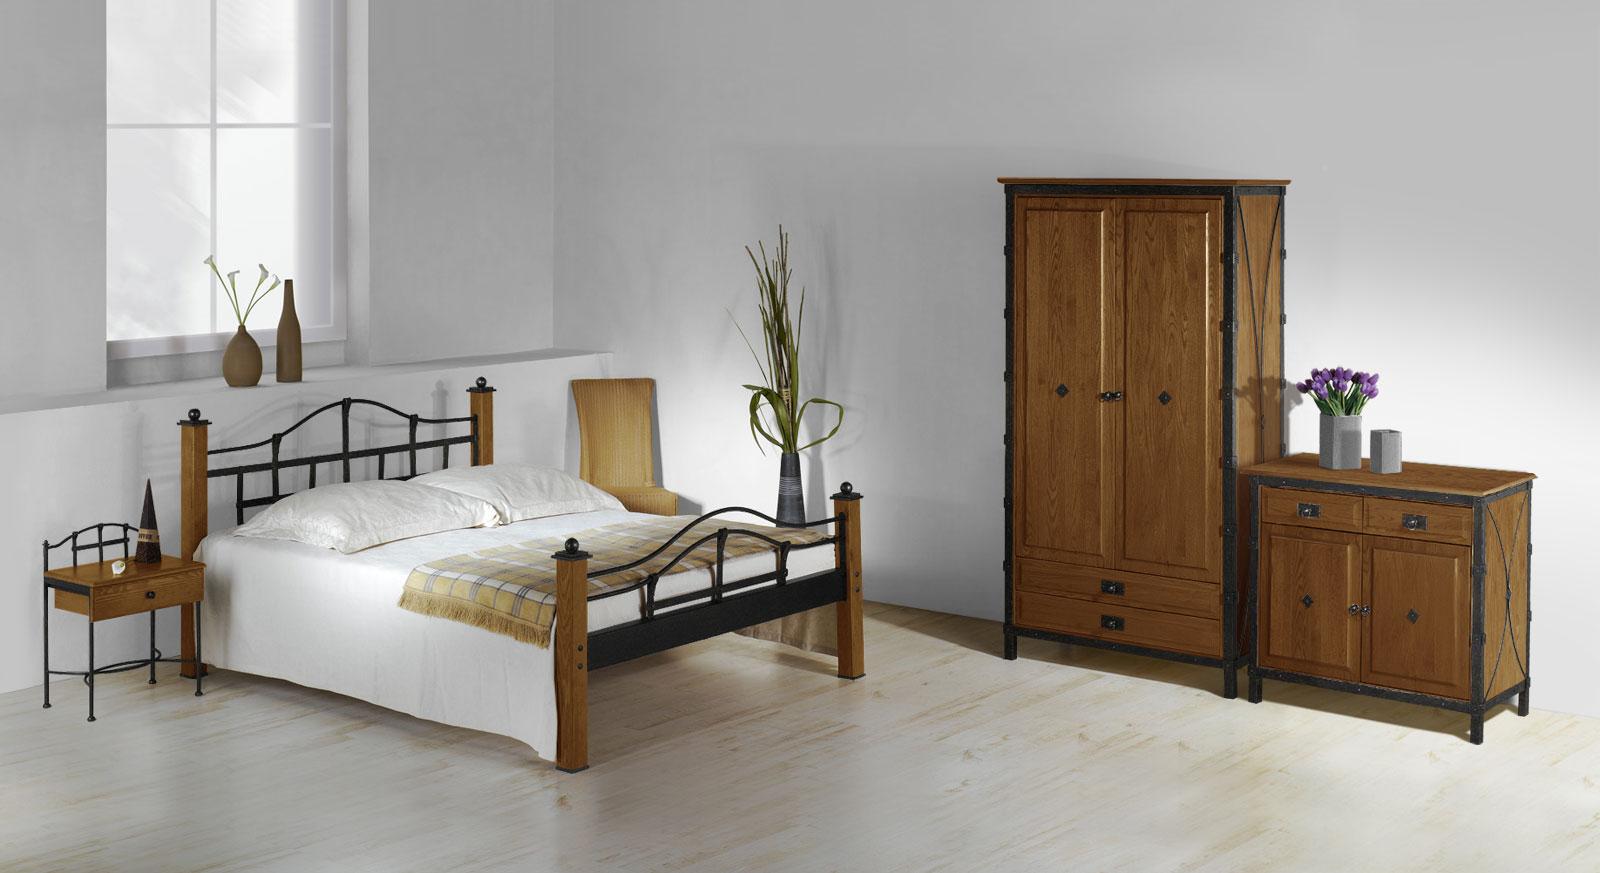 Komplett-Schlafzimmer Sinja mit Metalleinsatz